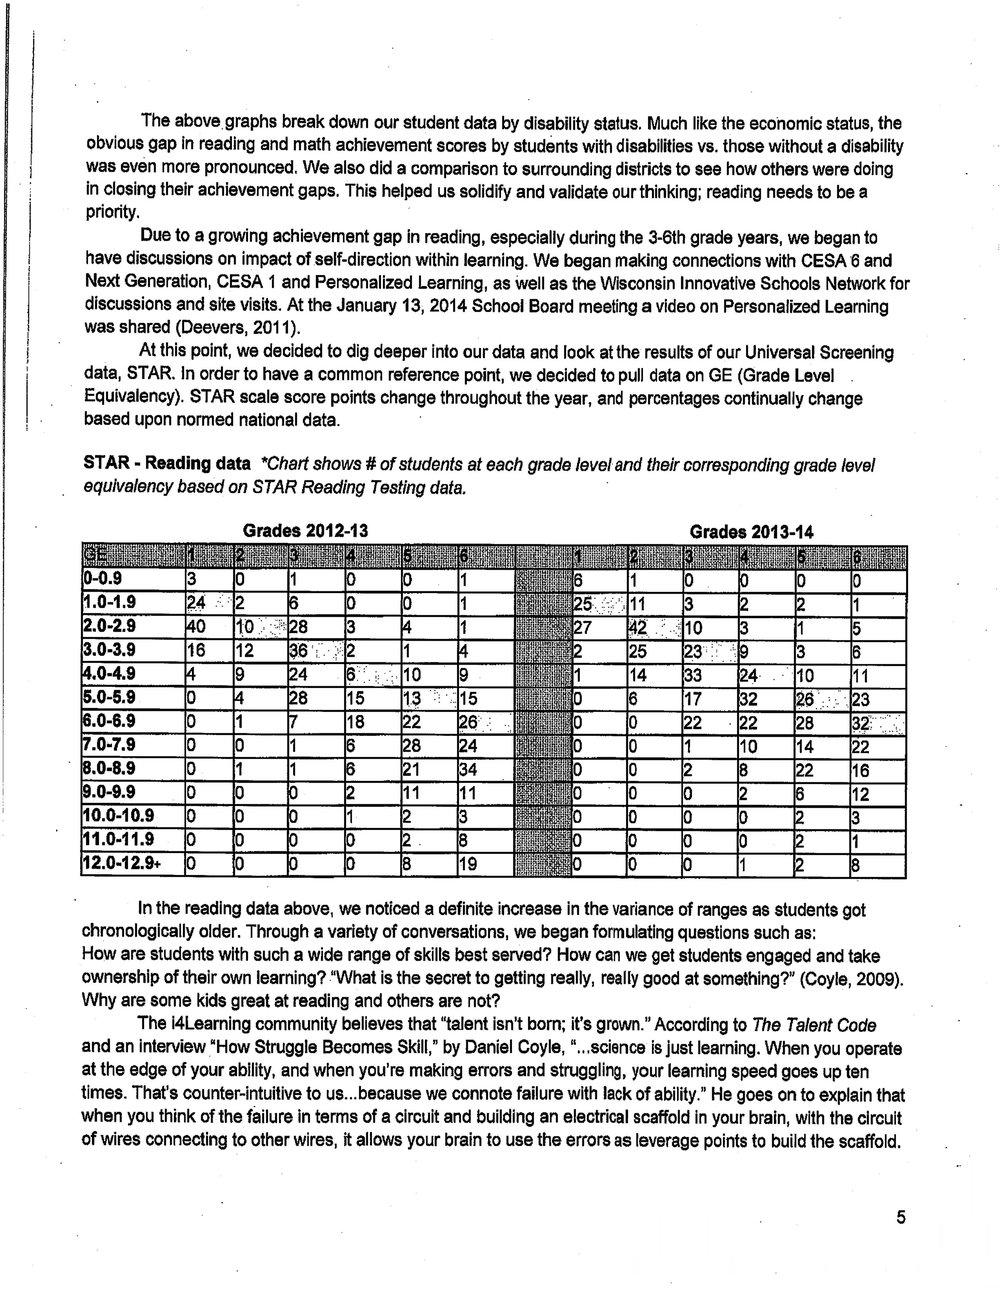 Planning Grant pg 15.jpg